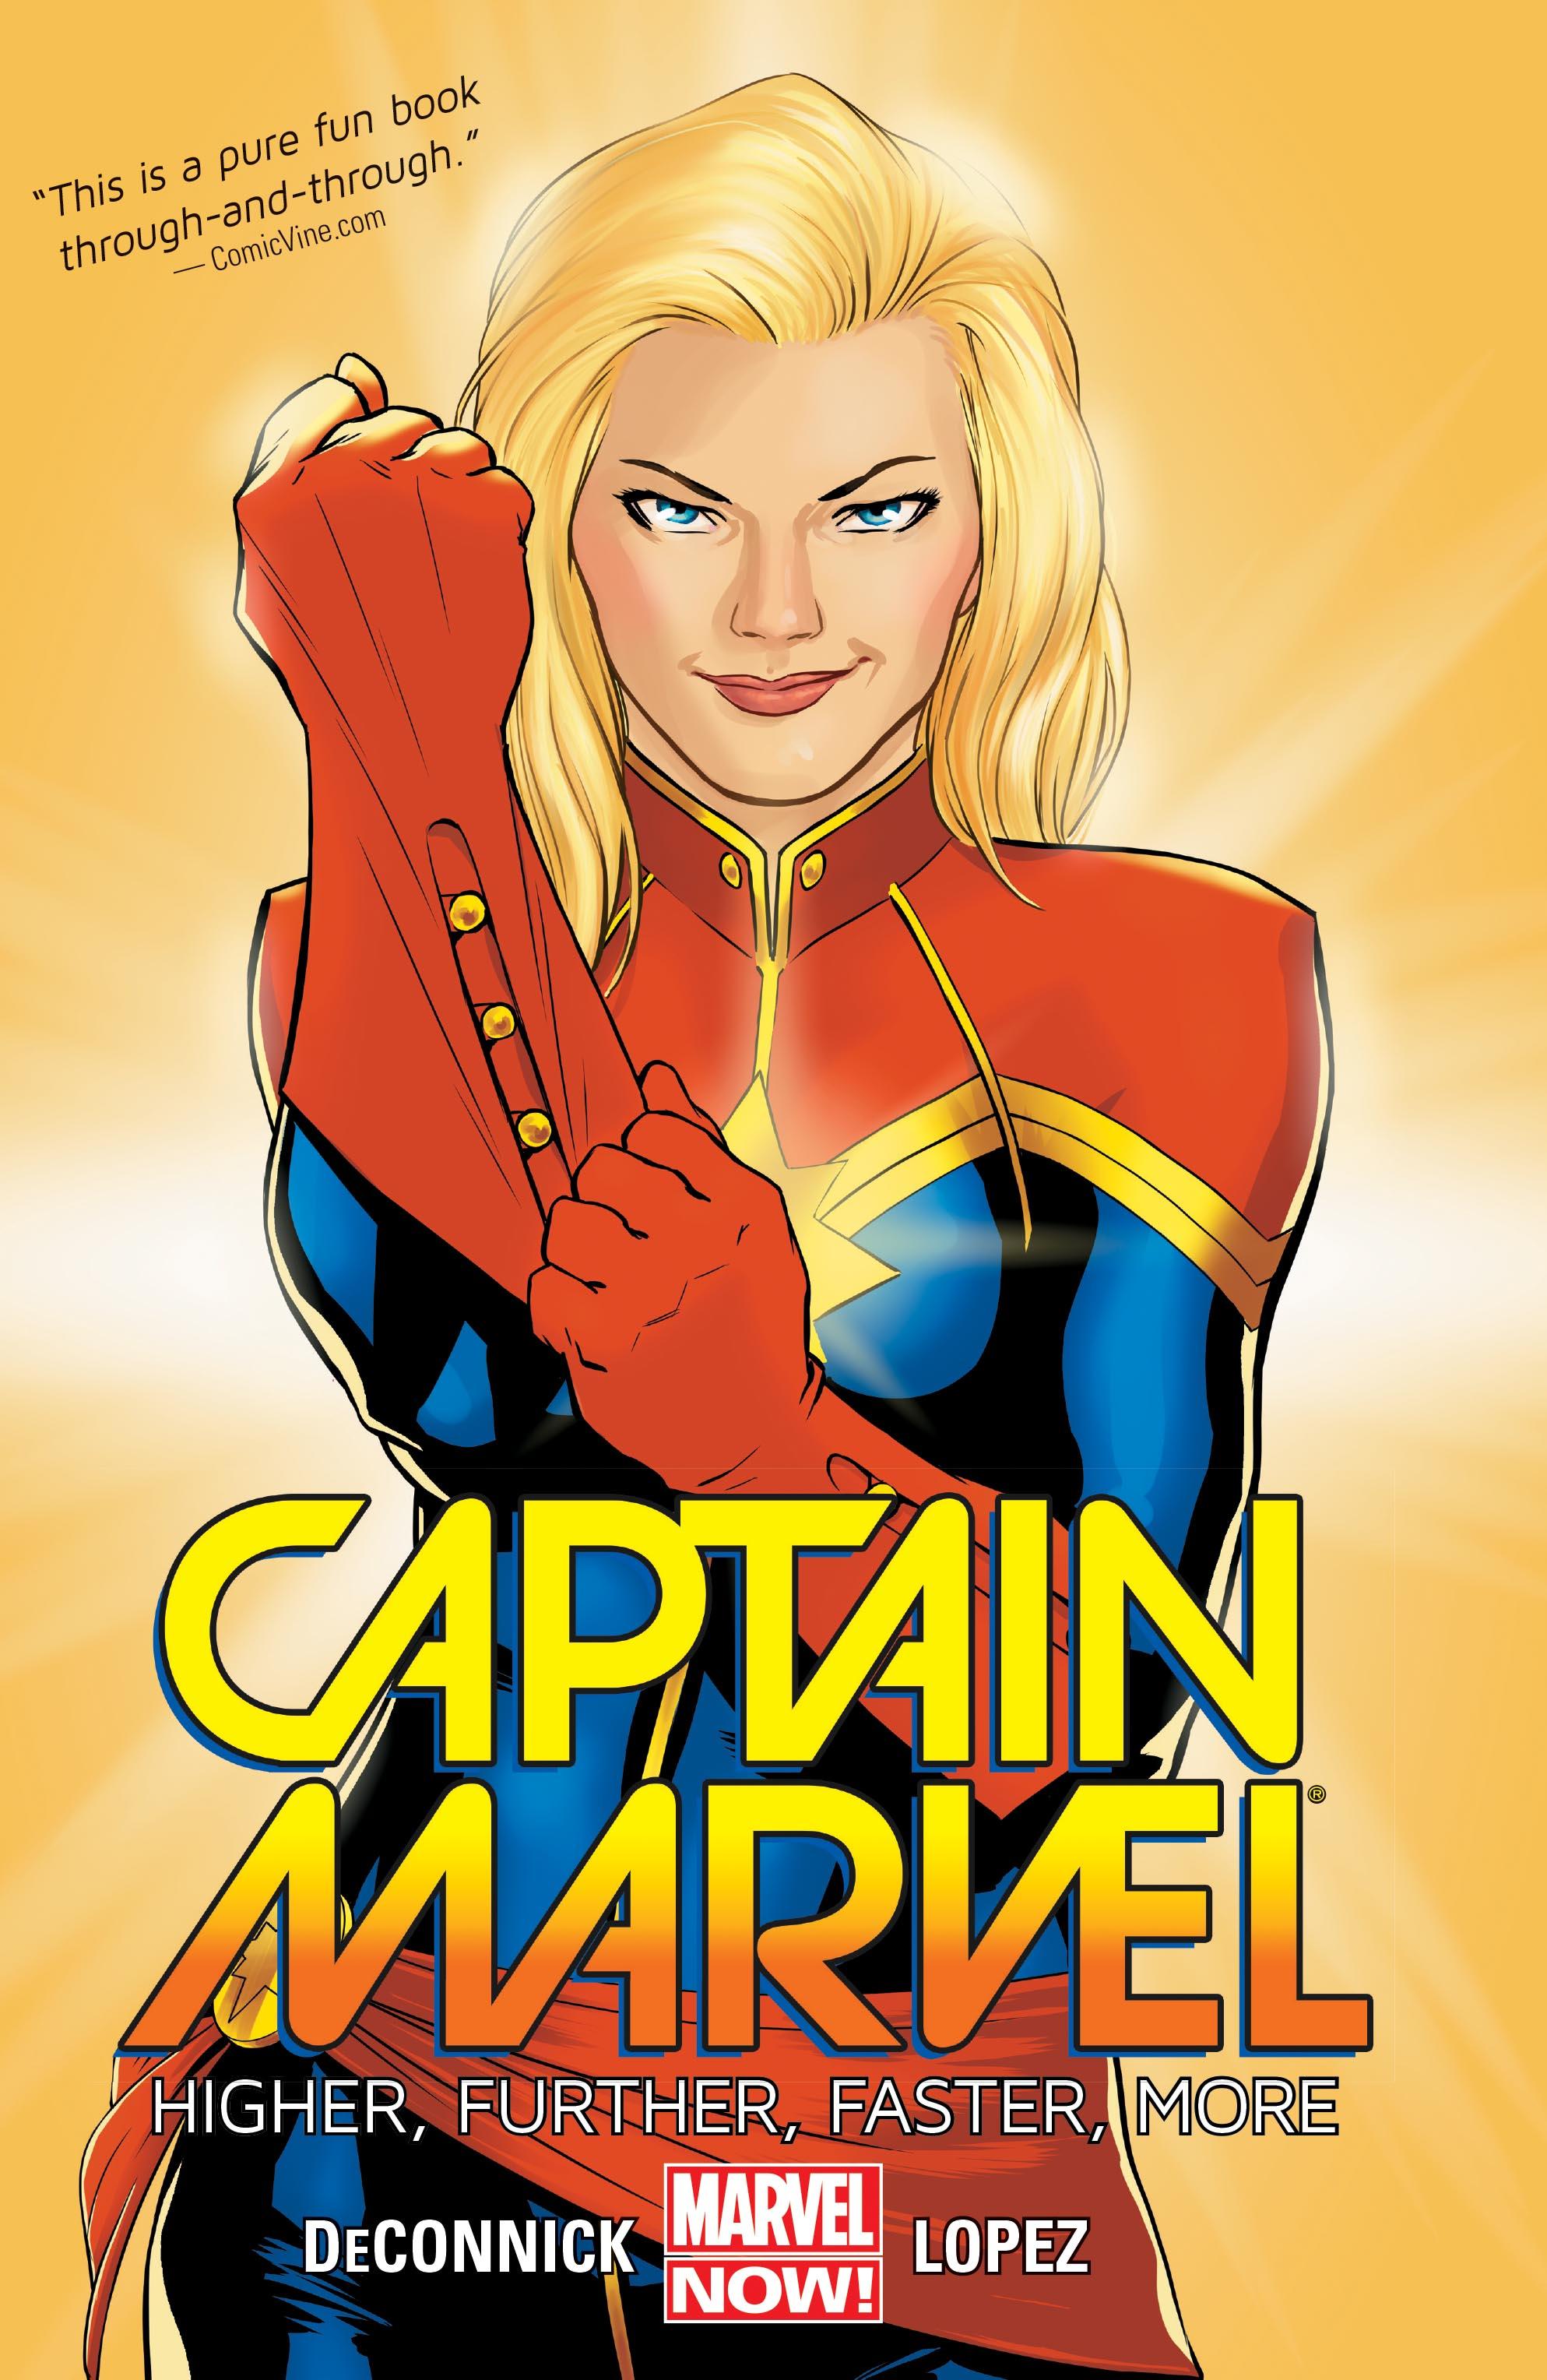 Captain Marvel Vol. 1: Higher, Further, Faster, More (Trade Paperback)